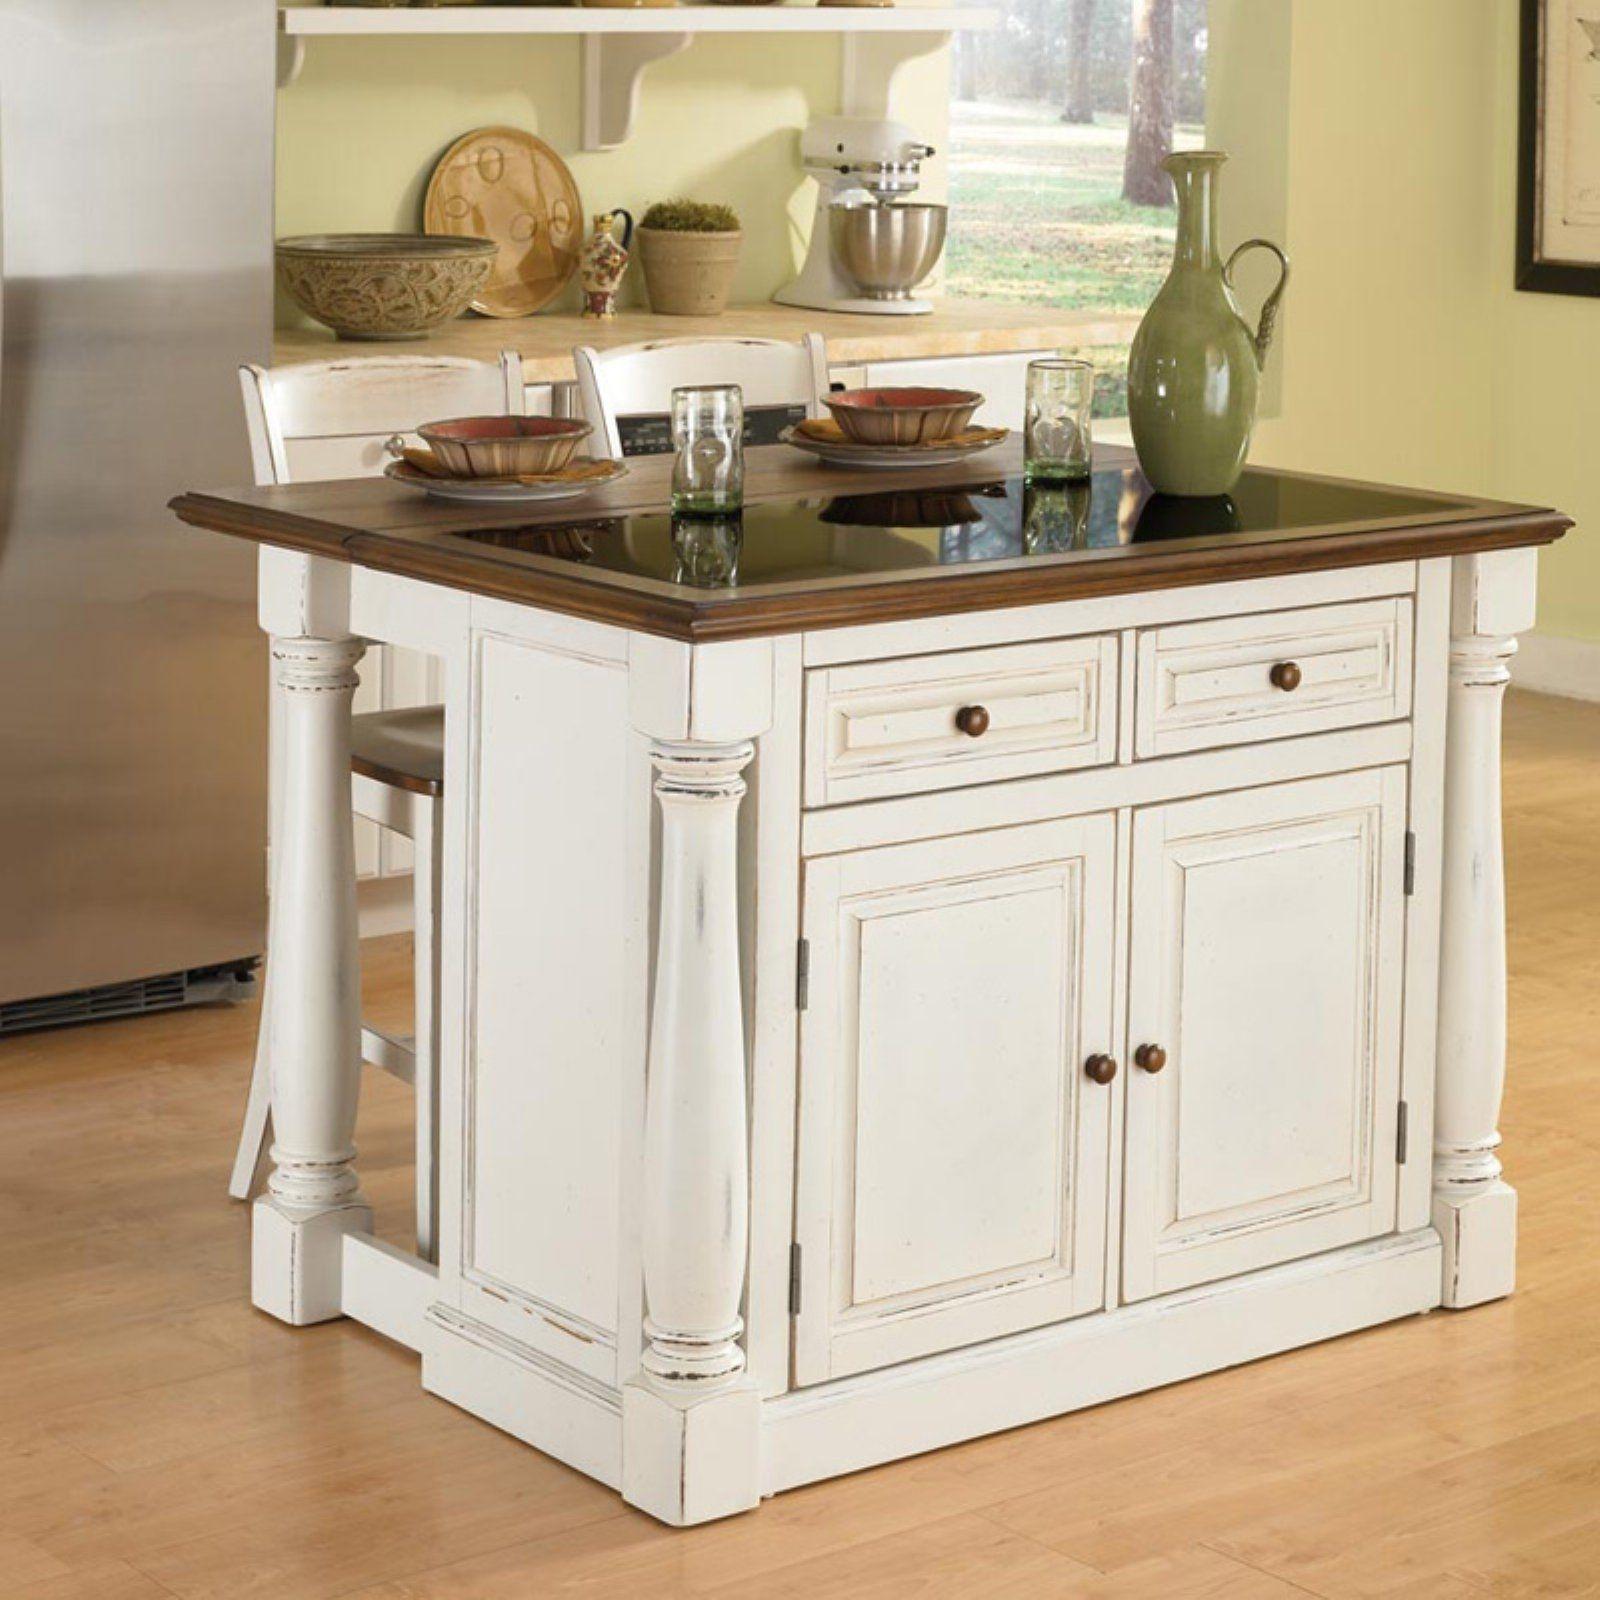 Home Styles Monarch 3 Piece Granite Top Kitchen Island